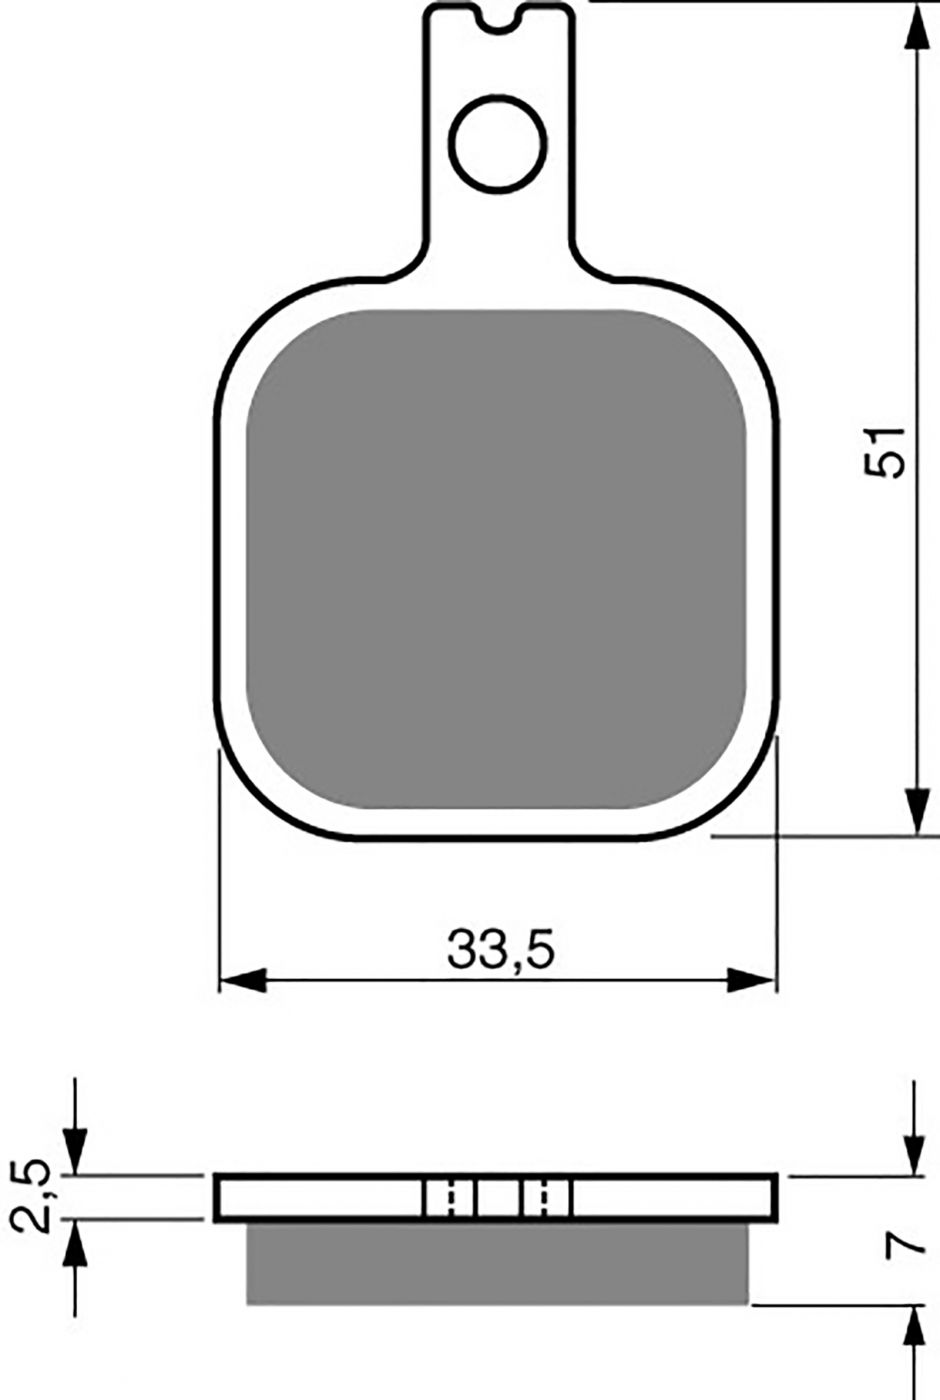 Goldfren Gp5 Brake Pads - 700119GG image